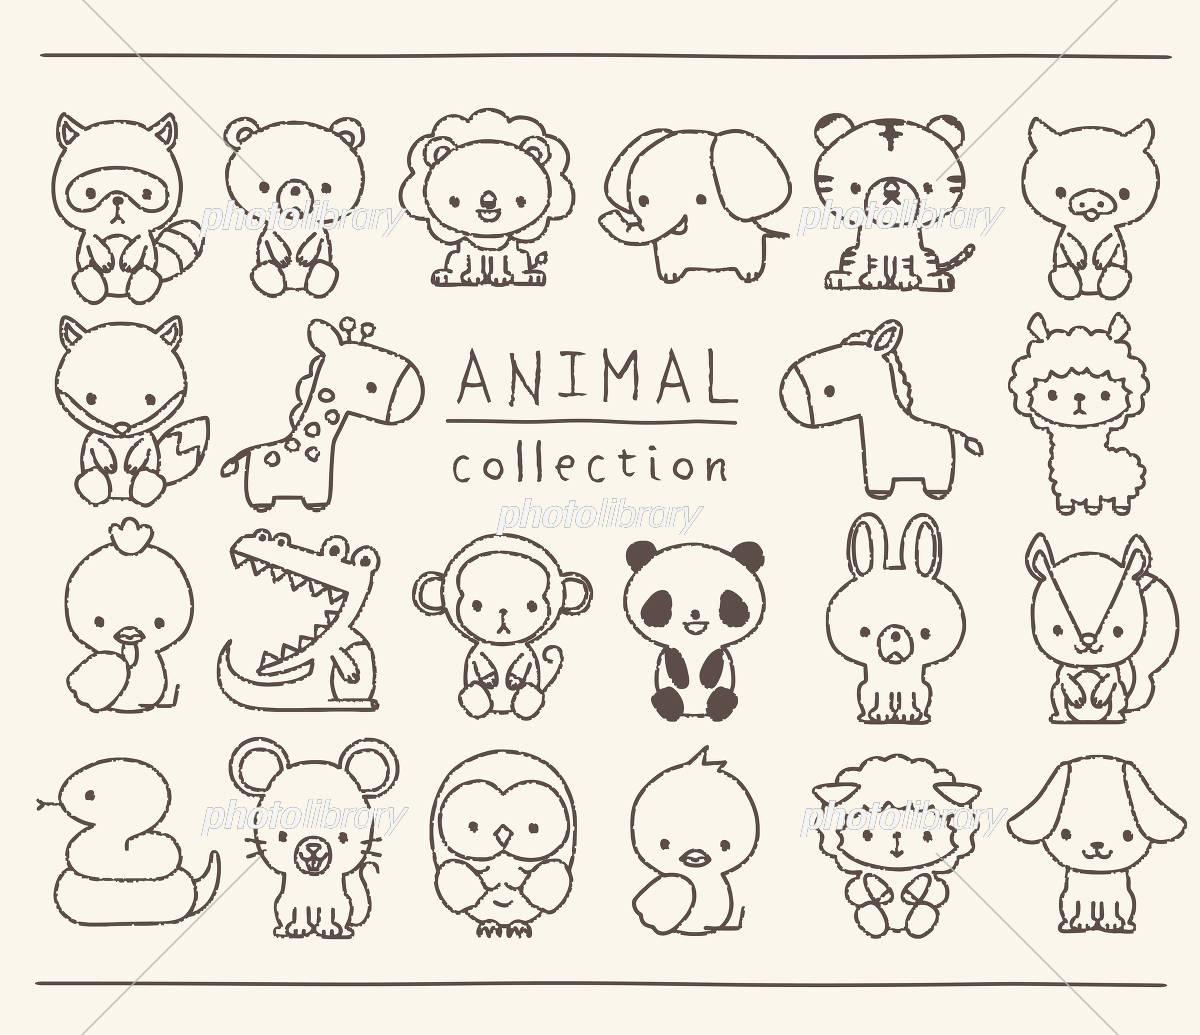 動物のセット 線画 手描き風 イラスト素材 [ 5722187 ] - フォトライブ